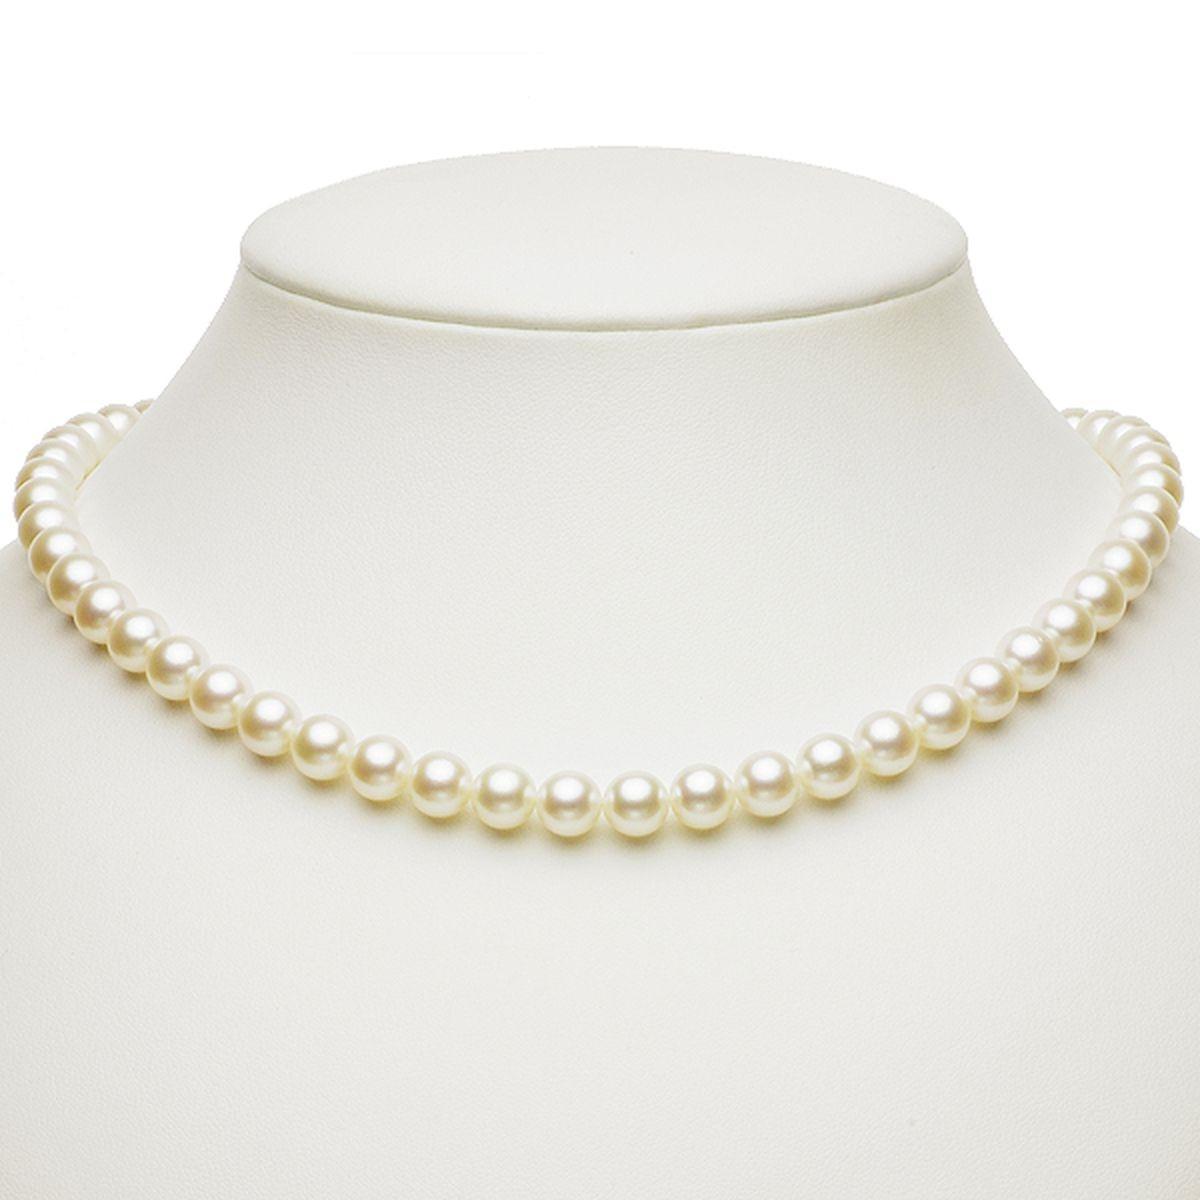 アコヤ 一番 人気 サイズ 真珠 パール フォーマル セット 約7.5-8.0mm シルバー SV 冠婚葬祭の写真